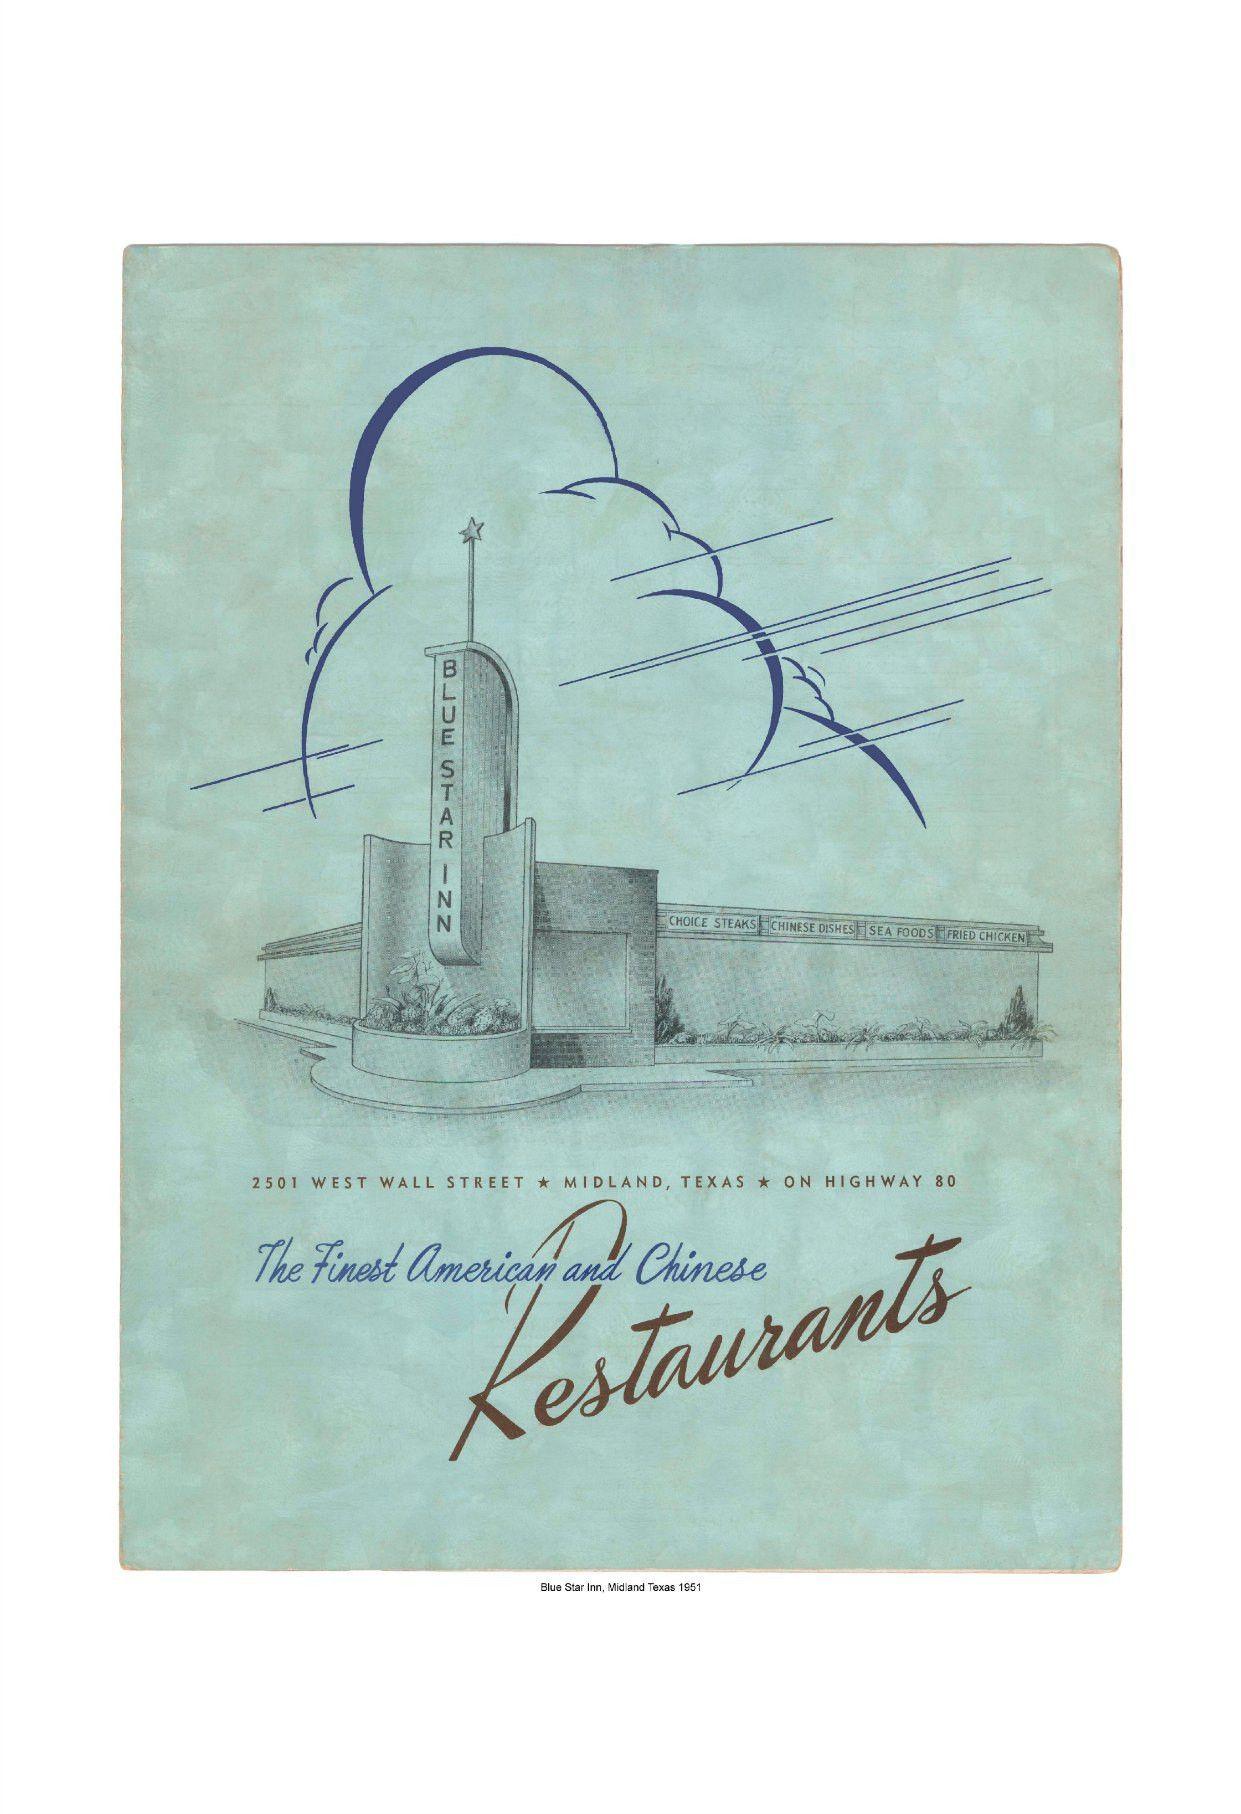 Blue Star Inn, Midland, Texas, 1951 Midland, Midland